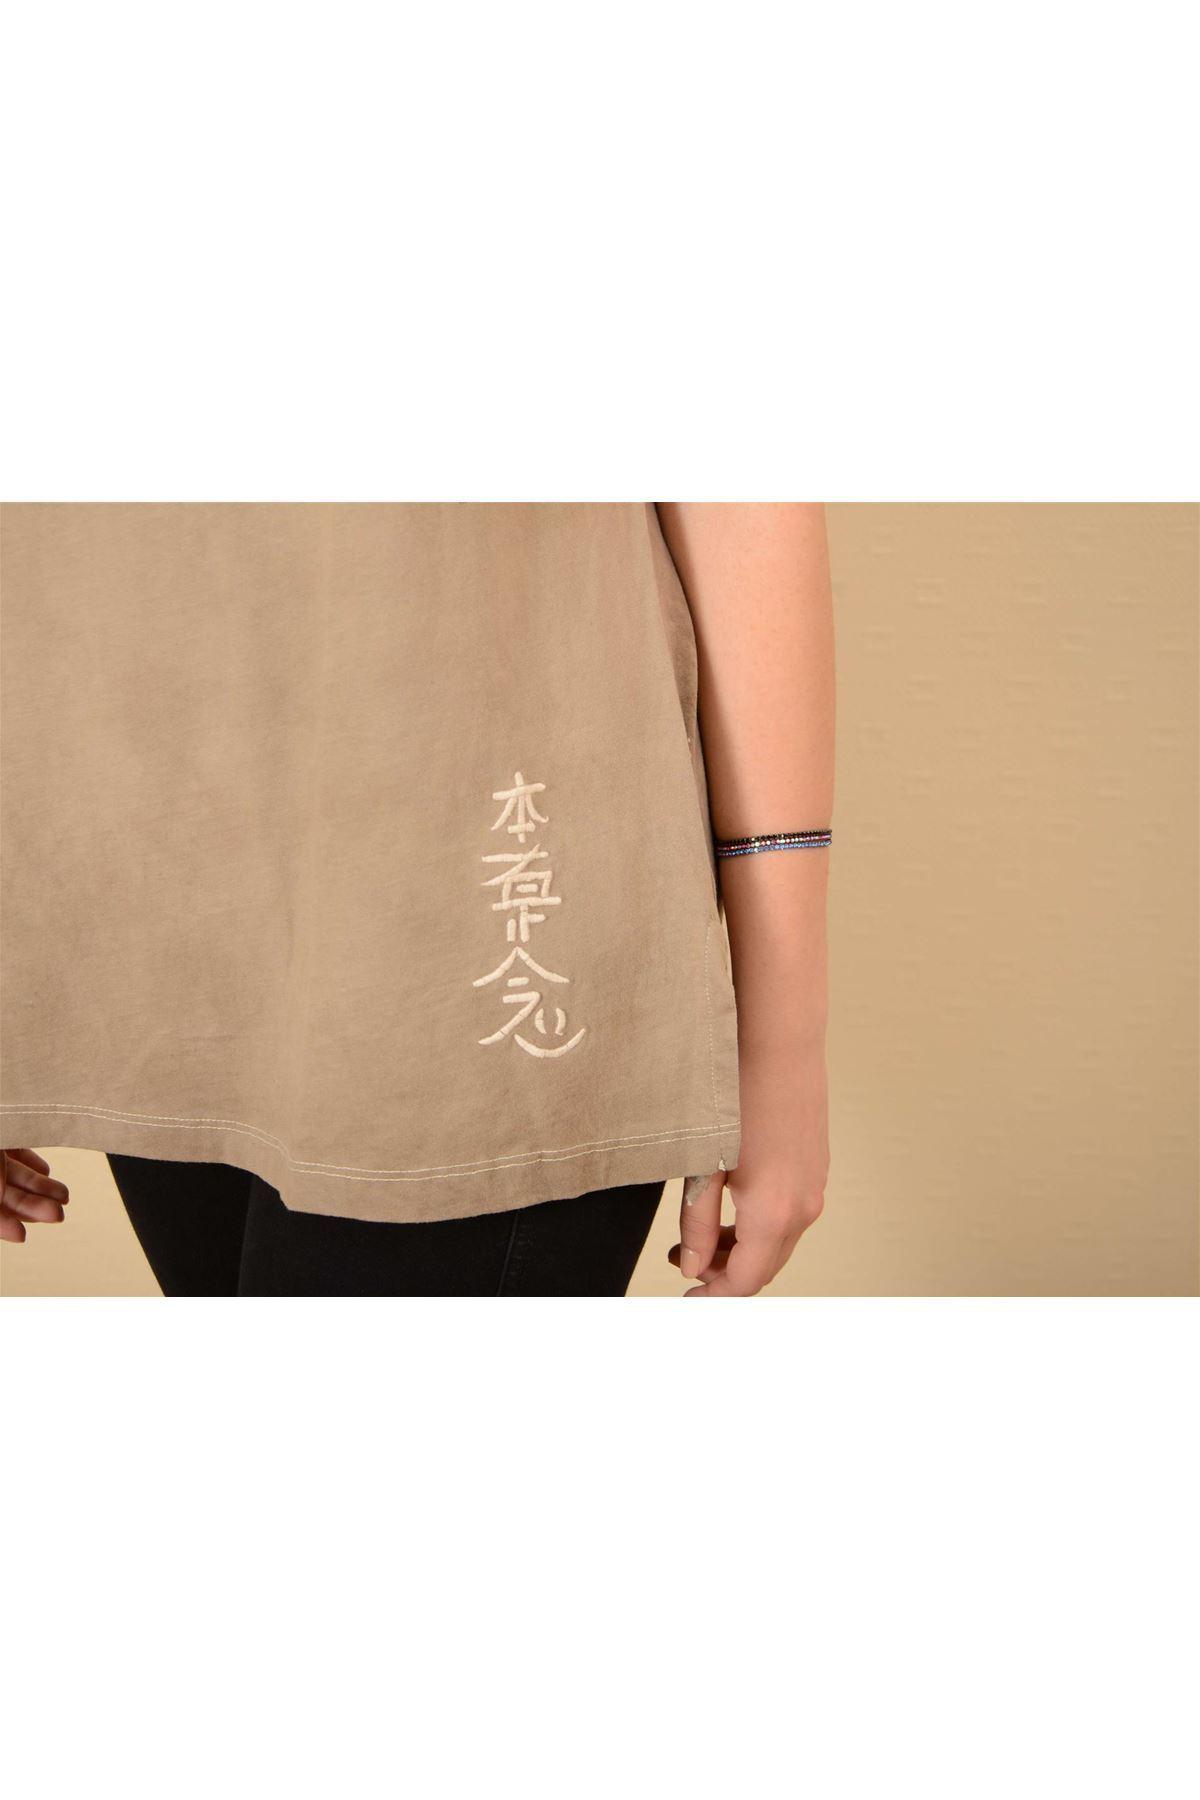 Sedef - Pileli Kısa Kollu Tshirt K1004